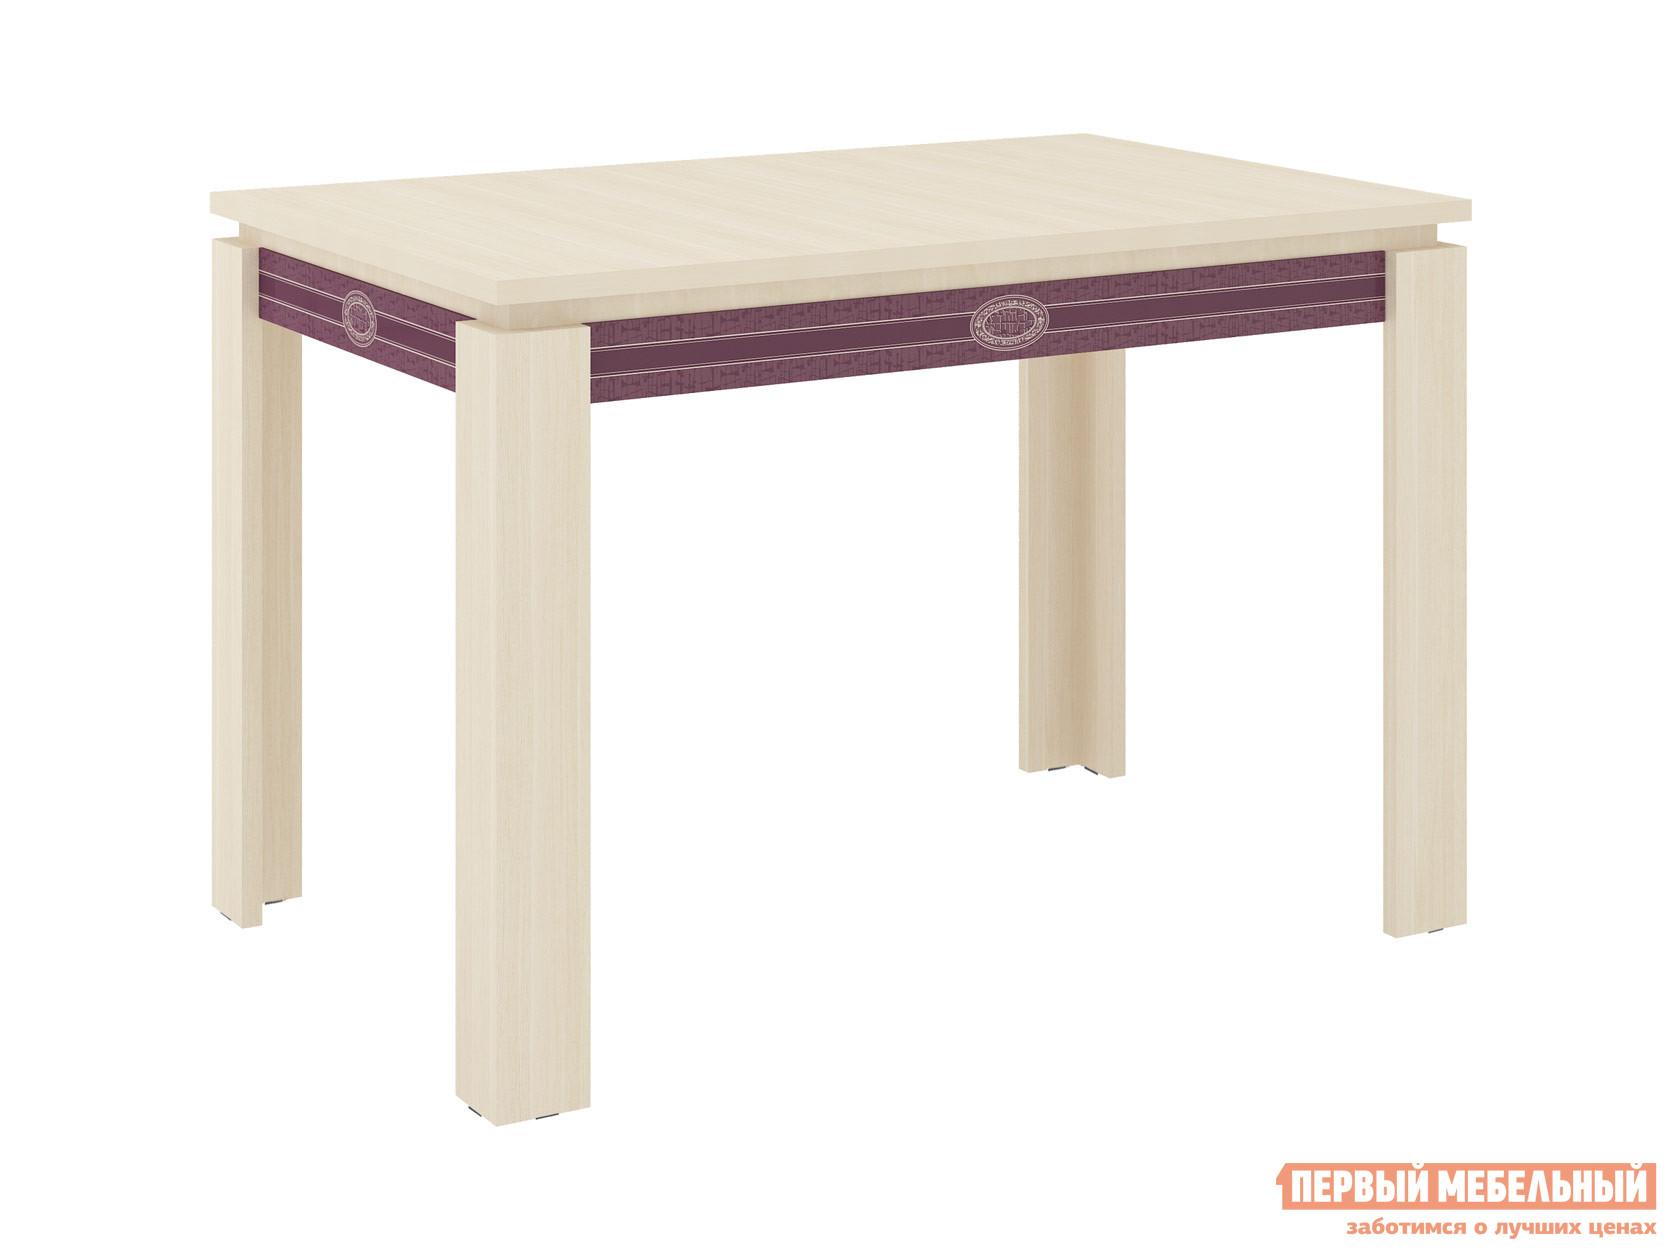 Обеденный стол Витра Орфей-15.12 обеденный стол витра орфей 21